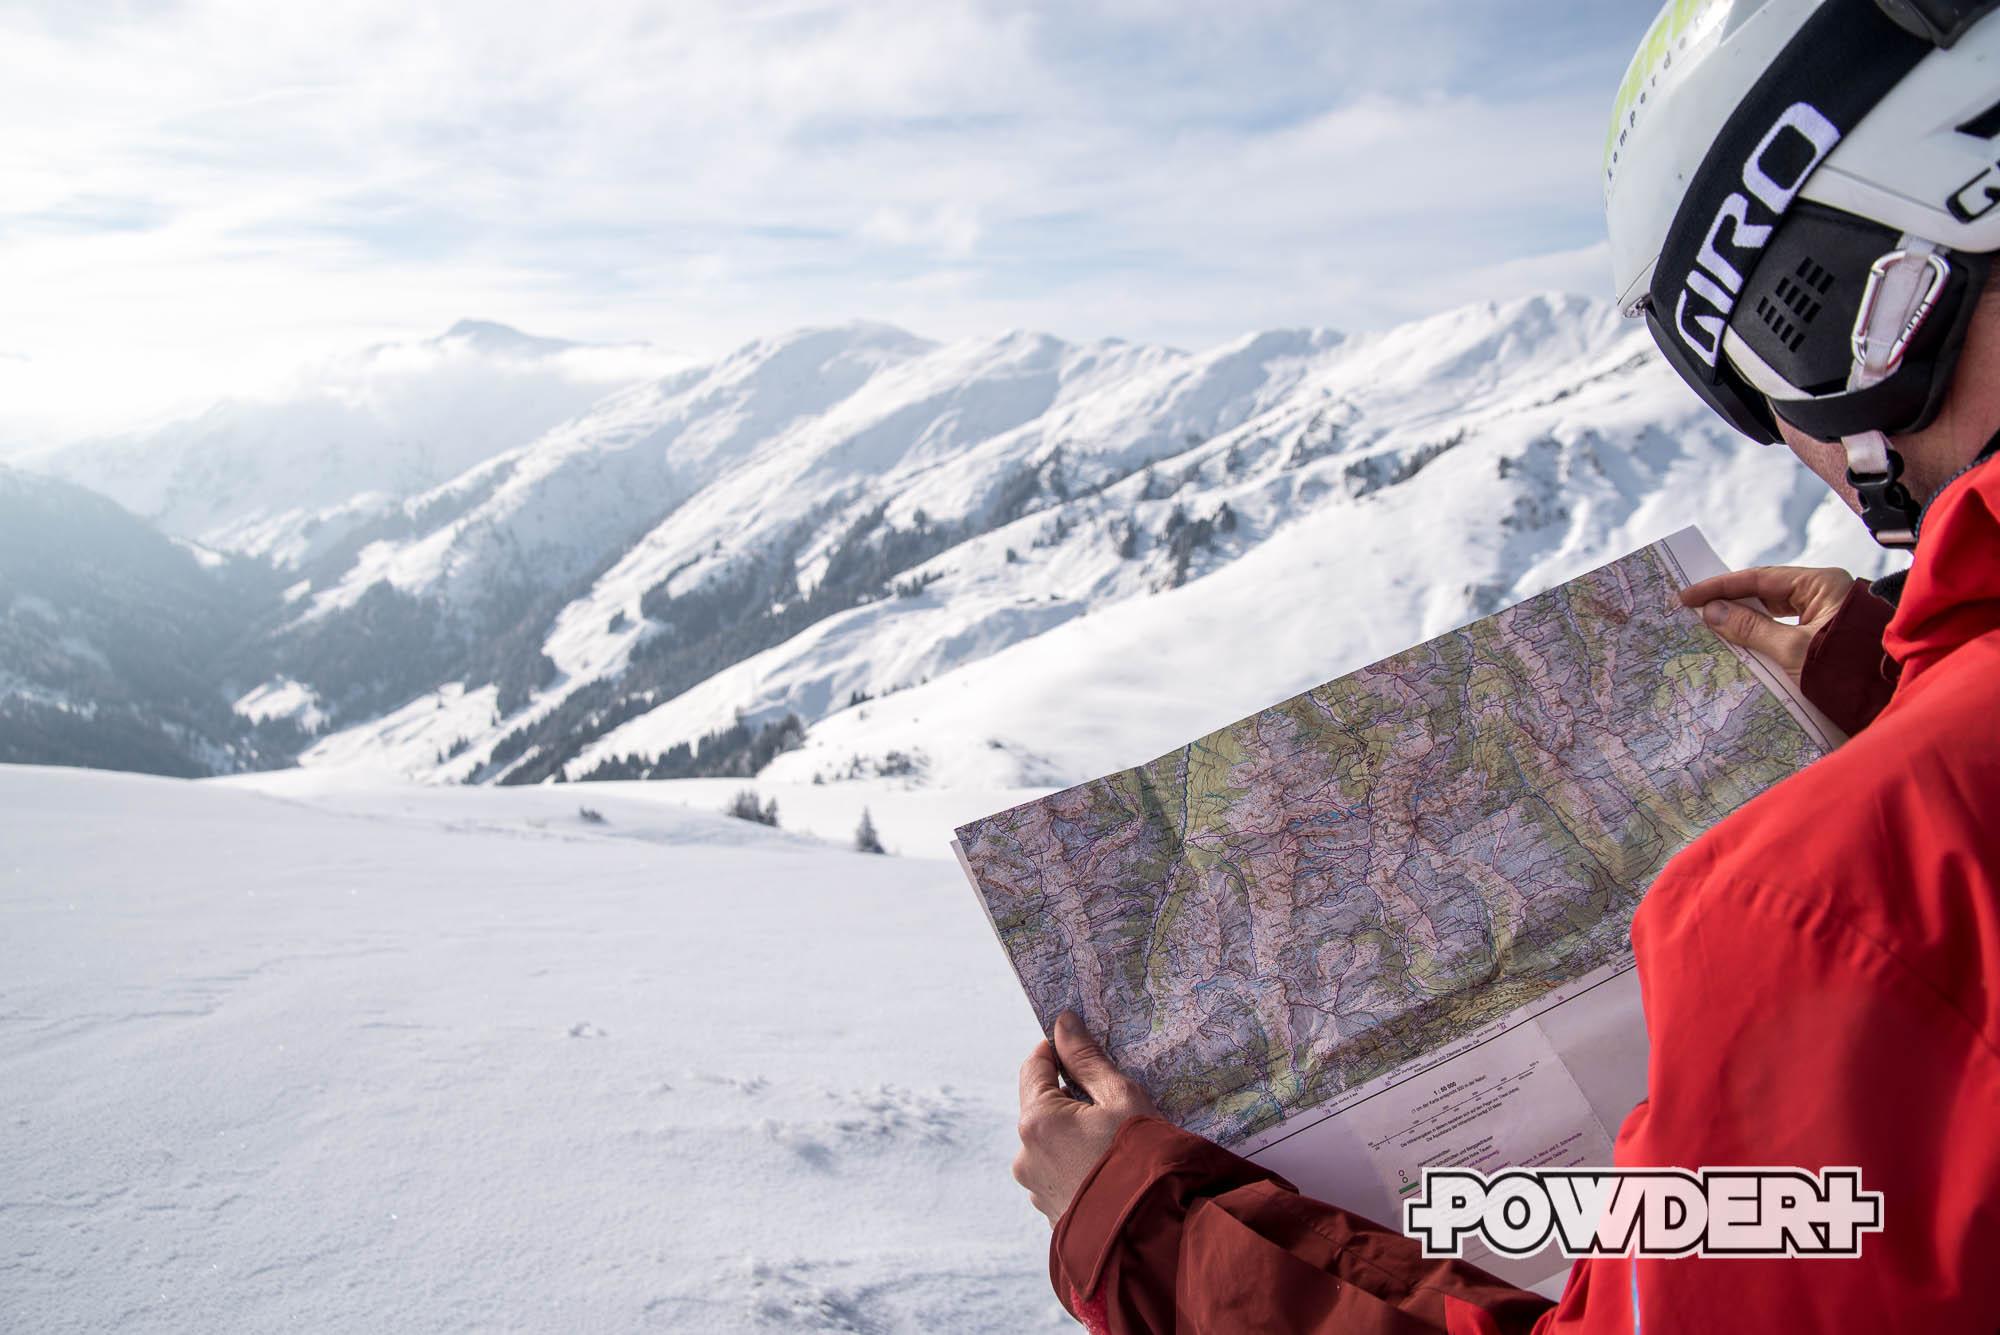 rettenstein runde, kitzbühel, westendorf, rettenstein, rettenstein freeride, kitzbühel freeride, skitour, kitzbühel skitour, freeride-tour, schnee, skipiste, contemporary